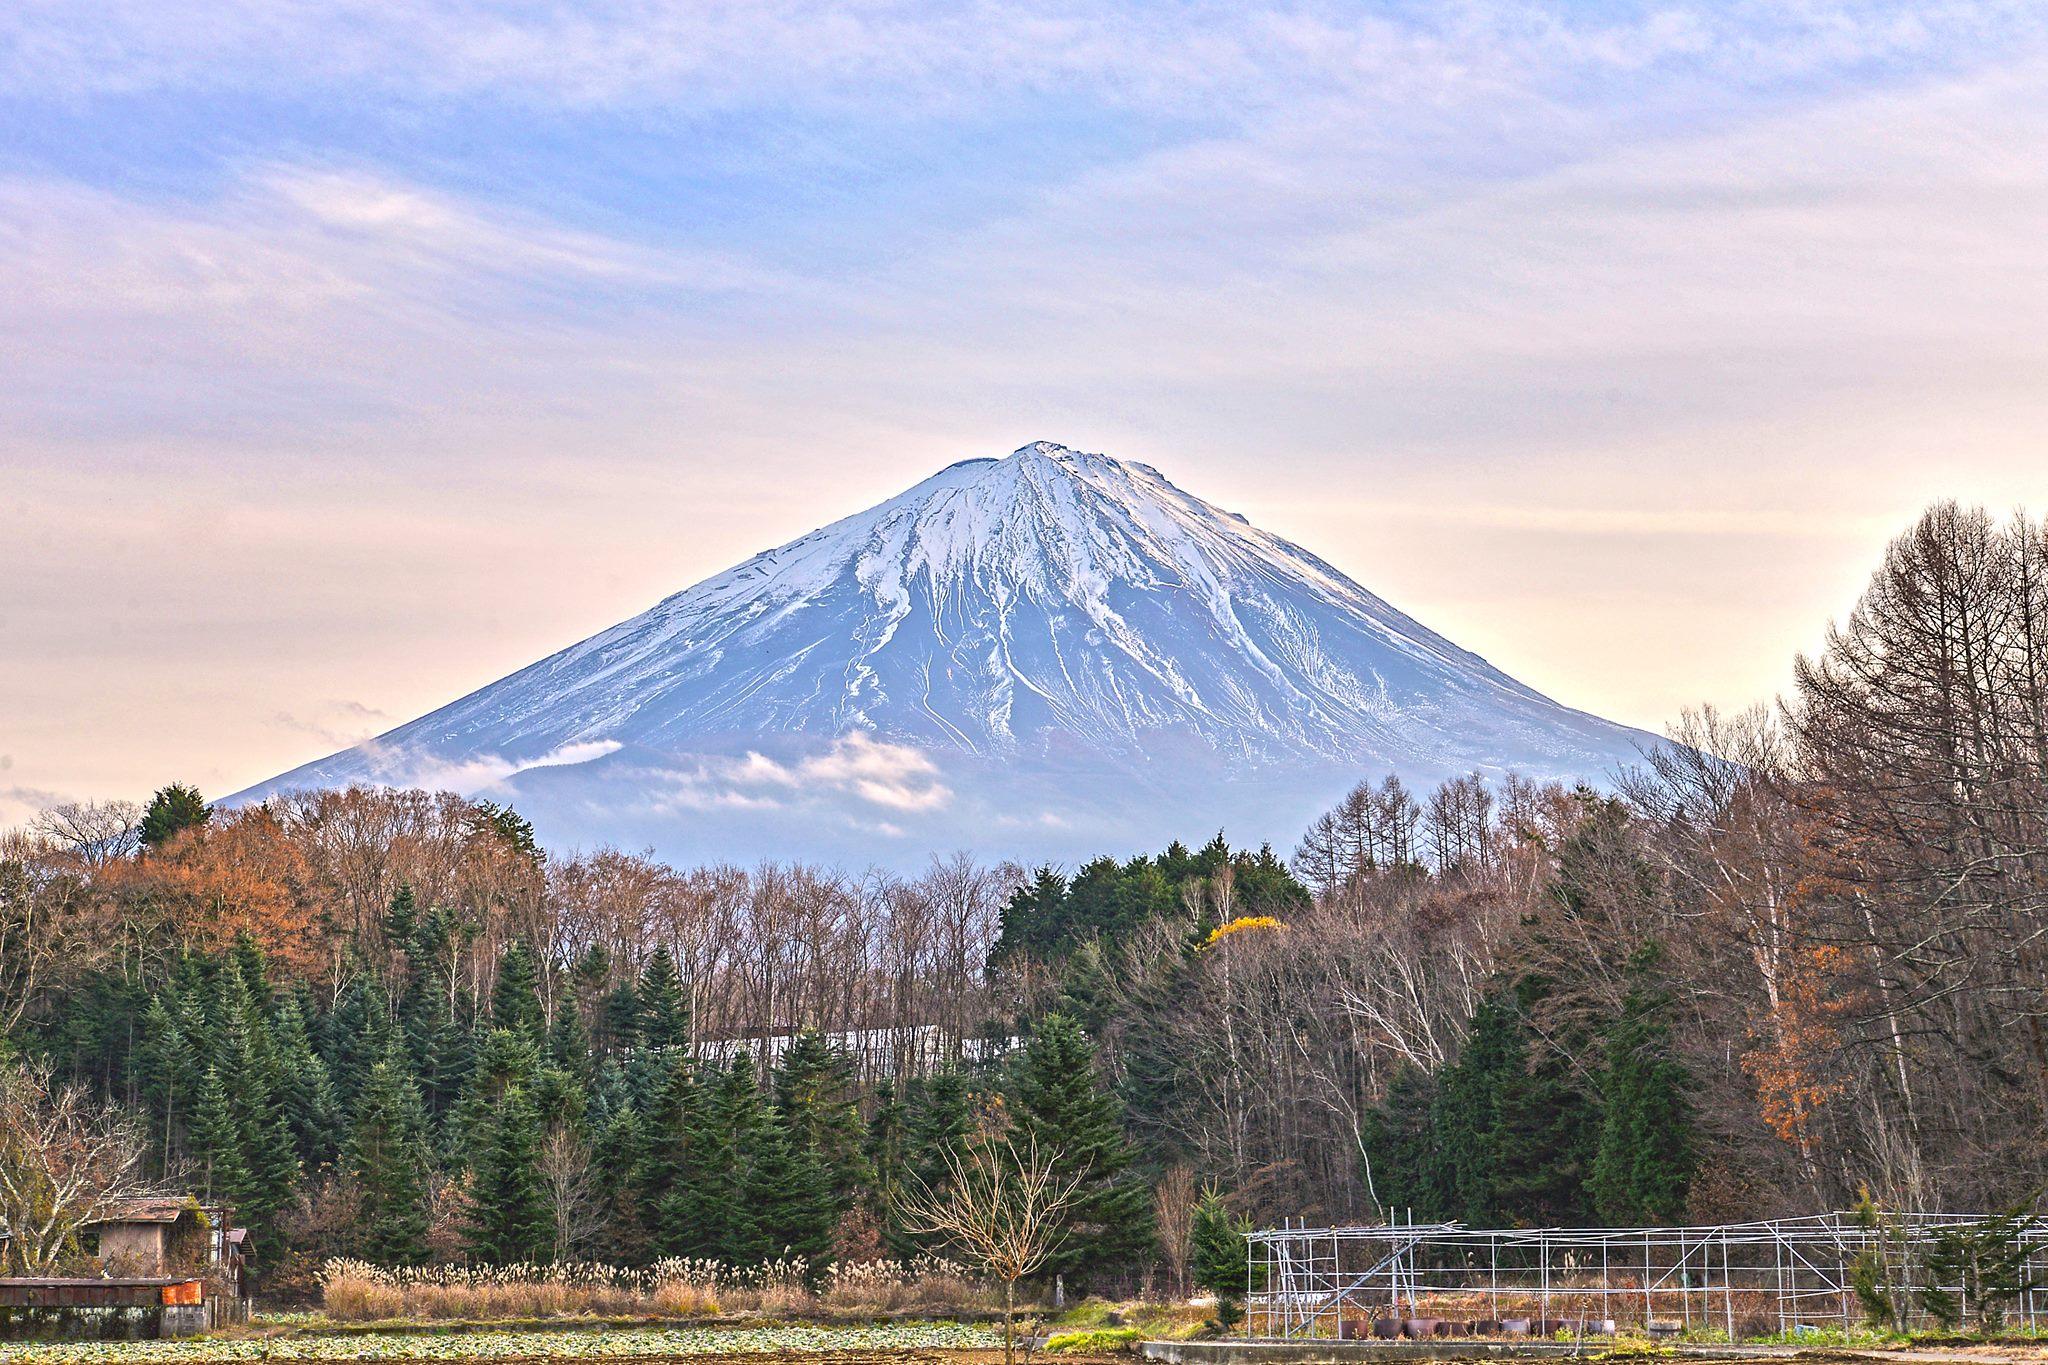 日本東京&富士馬拉松輕旅行,滿山的楓葉美景超美!